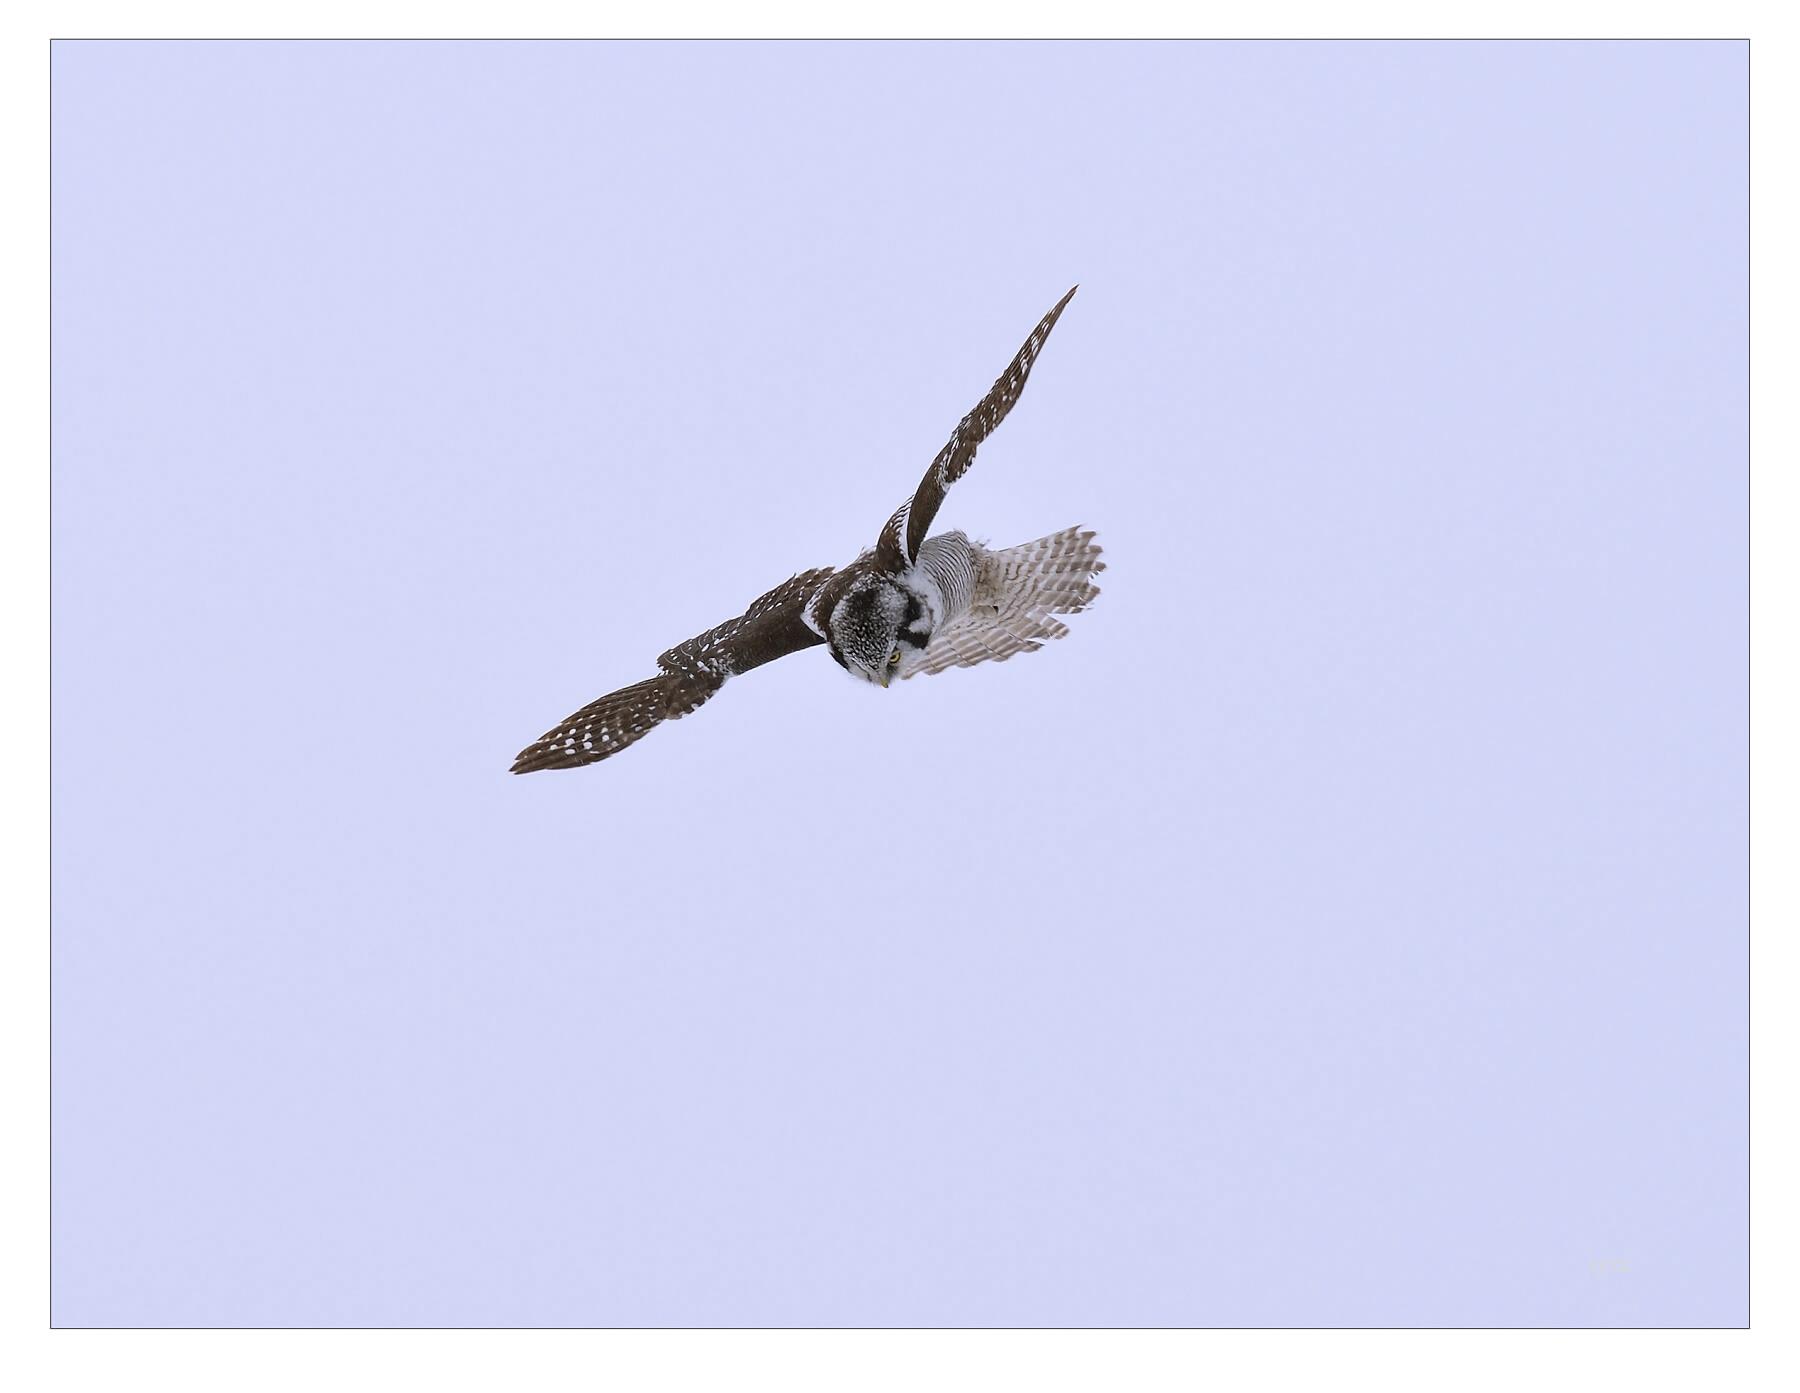 syzz作品:猛鸮